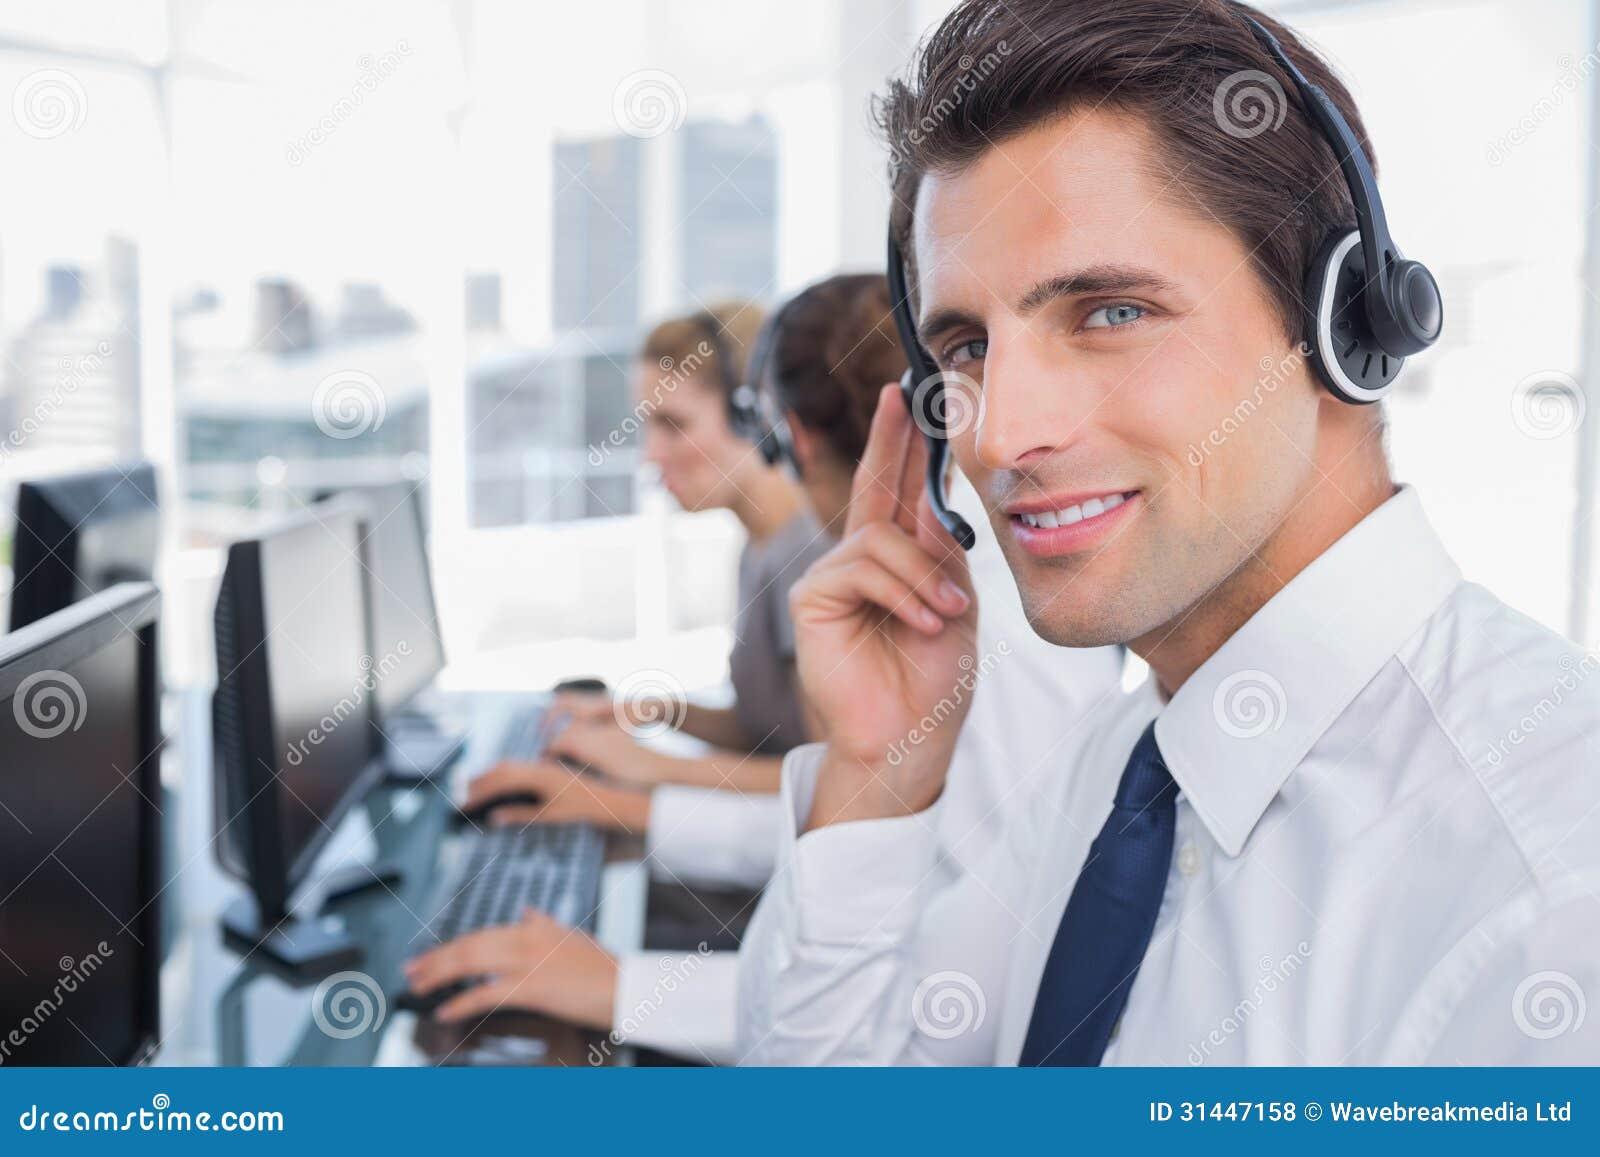 Πορτρέτο ενός βέβαιου πράκτορα τηλεφωνικών κέντρων